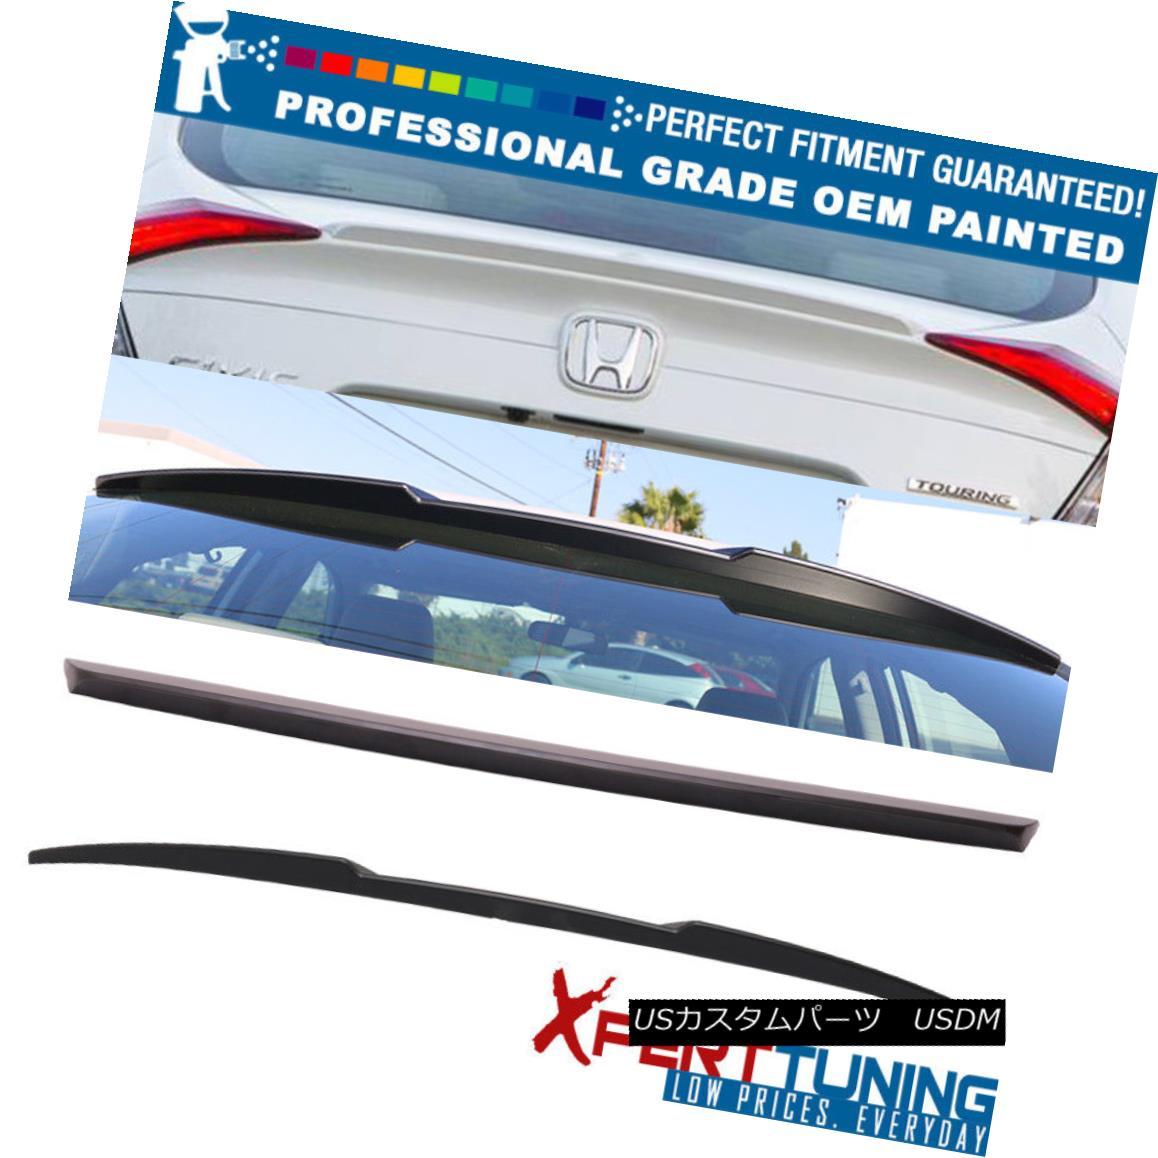 エアロパーツ 16-18 Civic Sedan Painted OE Trunk Spoiler & IKON Roof Wing - OEM Painted Color 16-18シビックセダン塗装OEトランクスポイラー& IKON屋根翼 - OEM塗装色